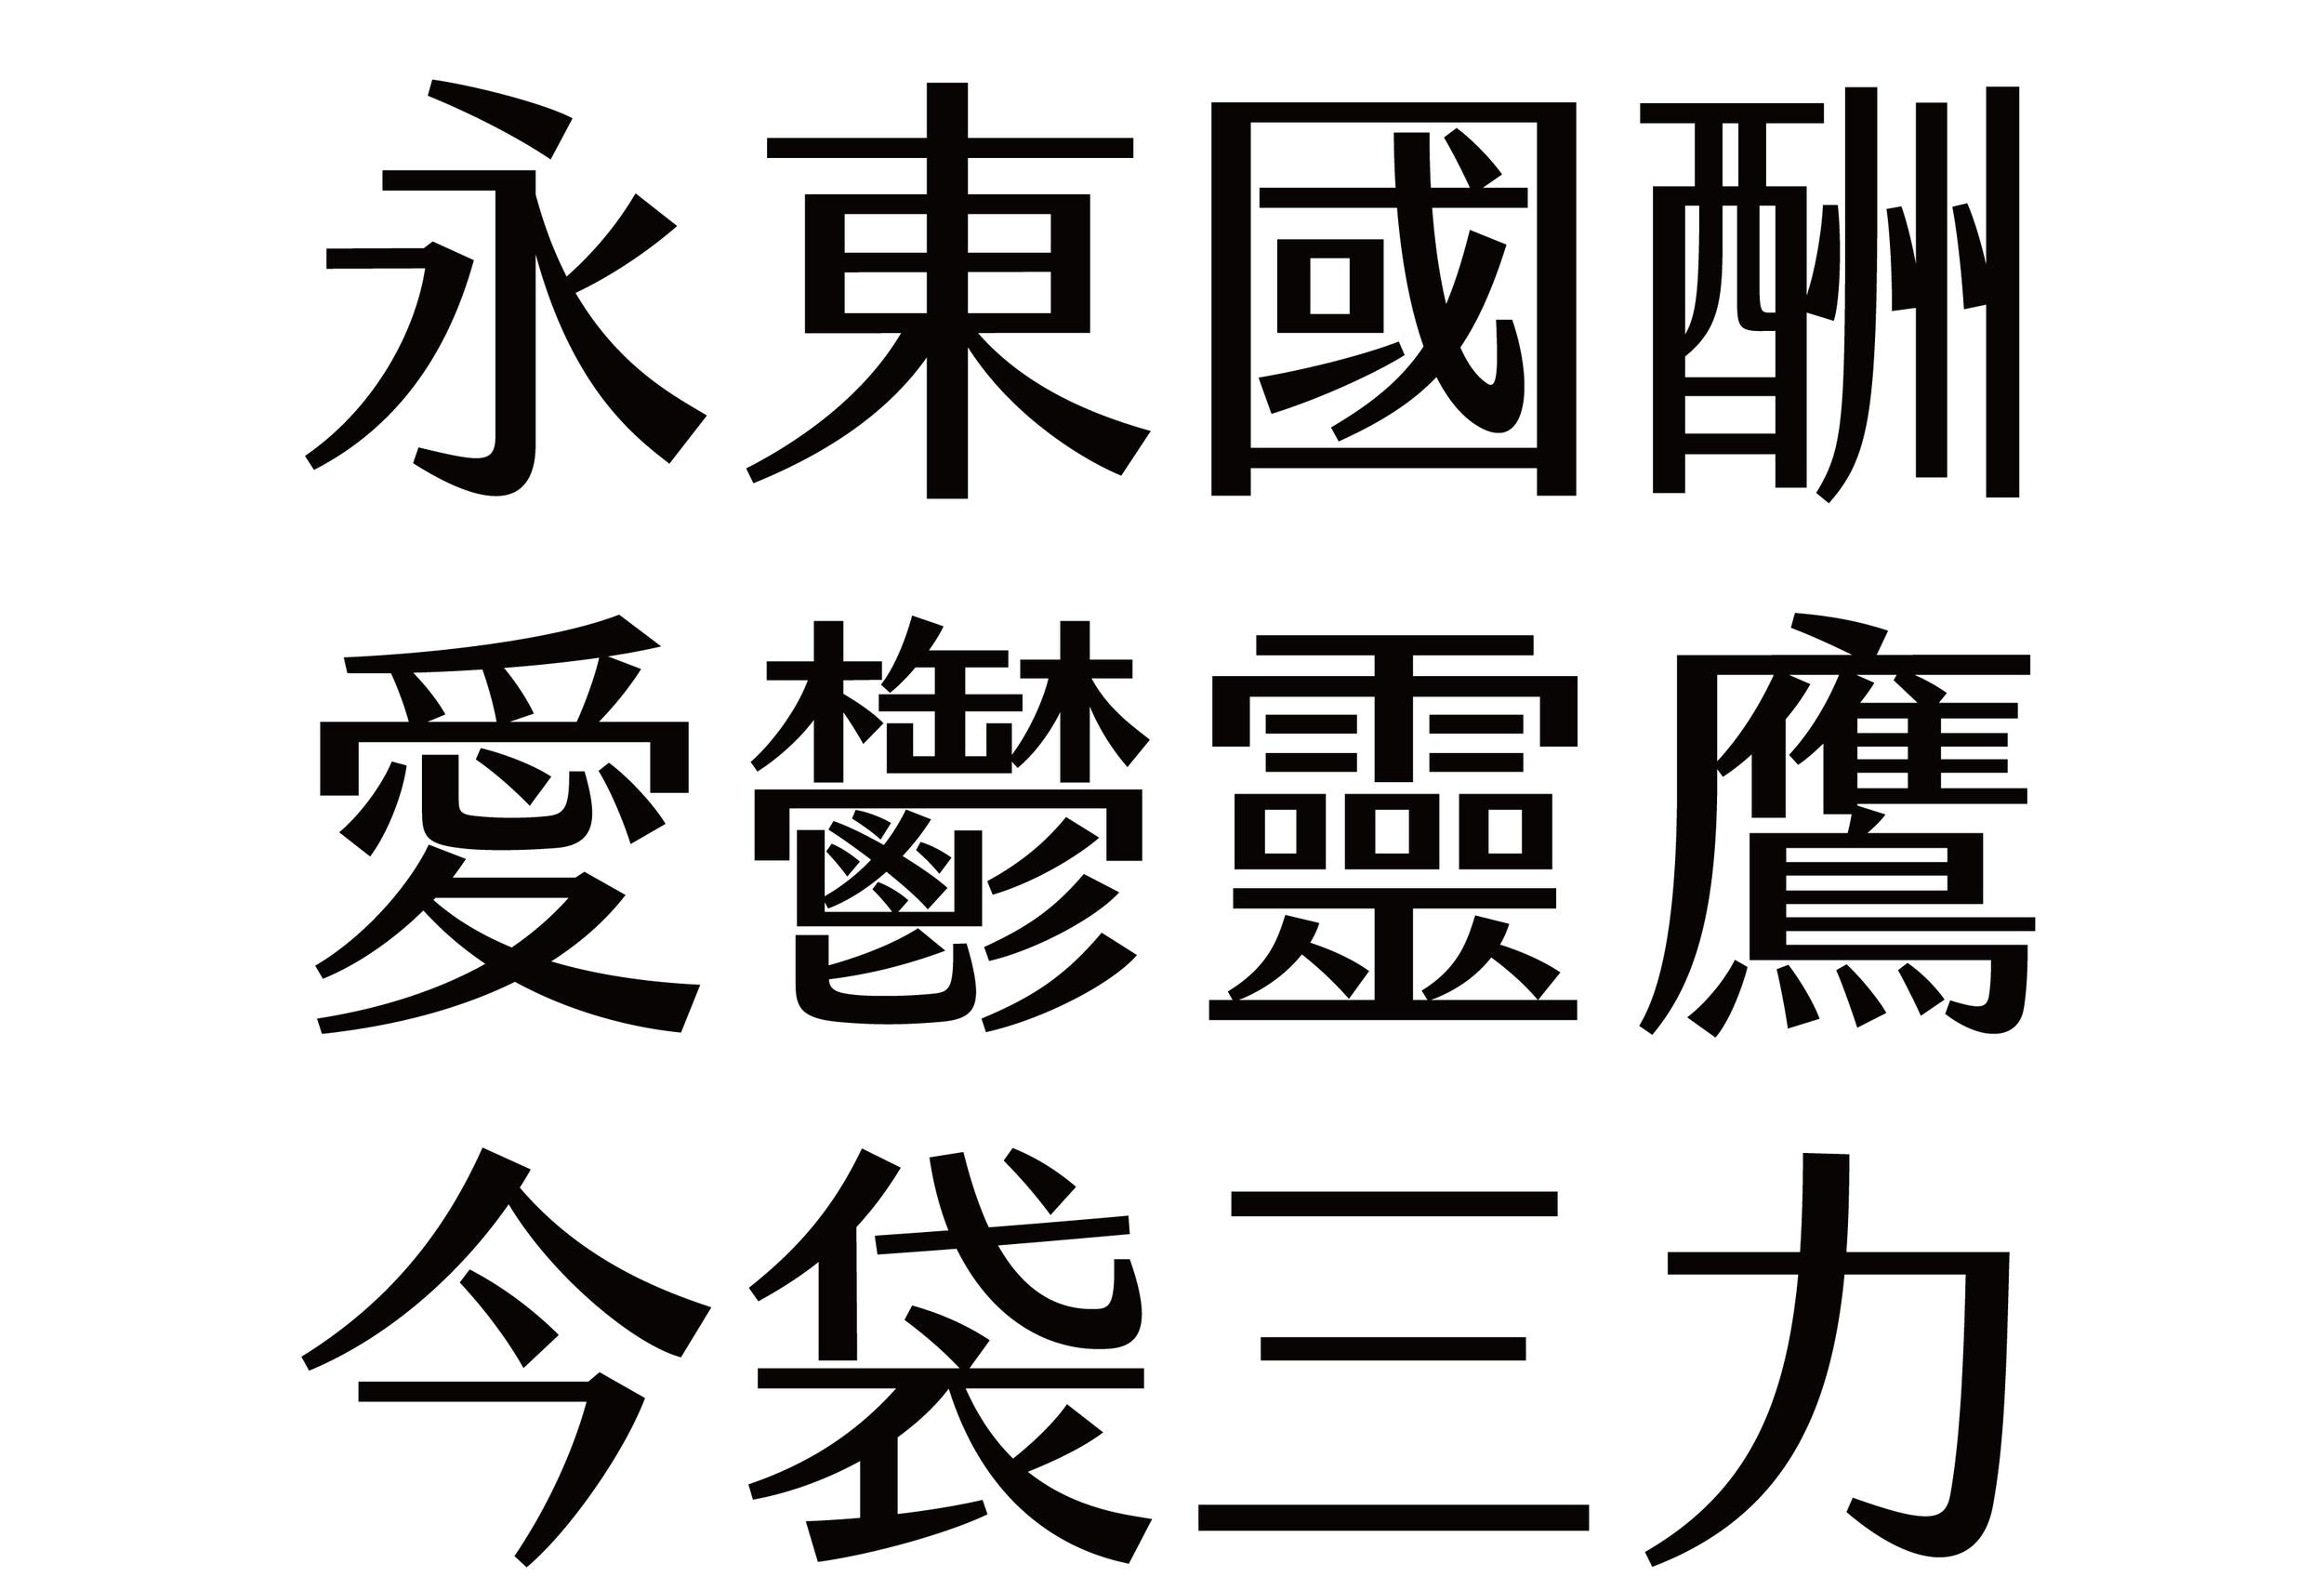 金萱標準字 /                      金萱的架構是瘦長的,「中宮」相較同類型字體,也比較緊收,重心也更偏上。                   相較日系的明黑混合書體而言,金萱在骨骼上比較重視內斂、緊實的視覺效果。